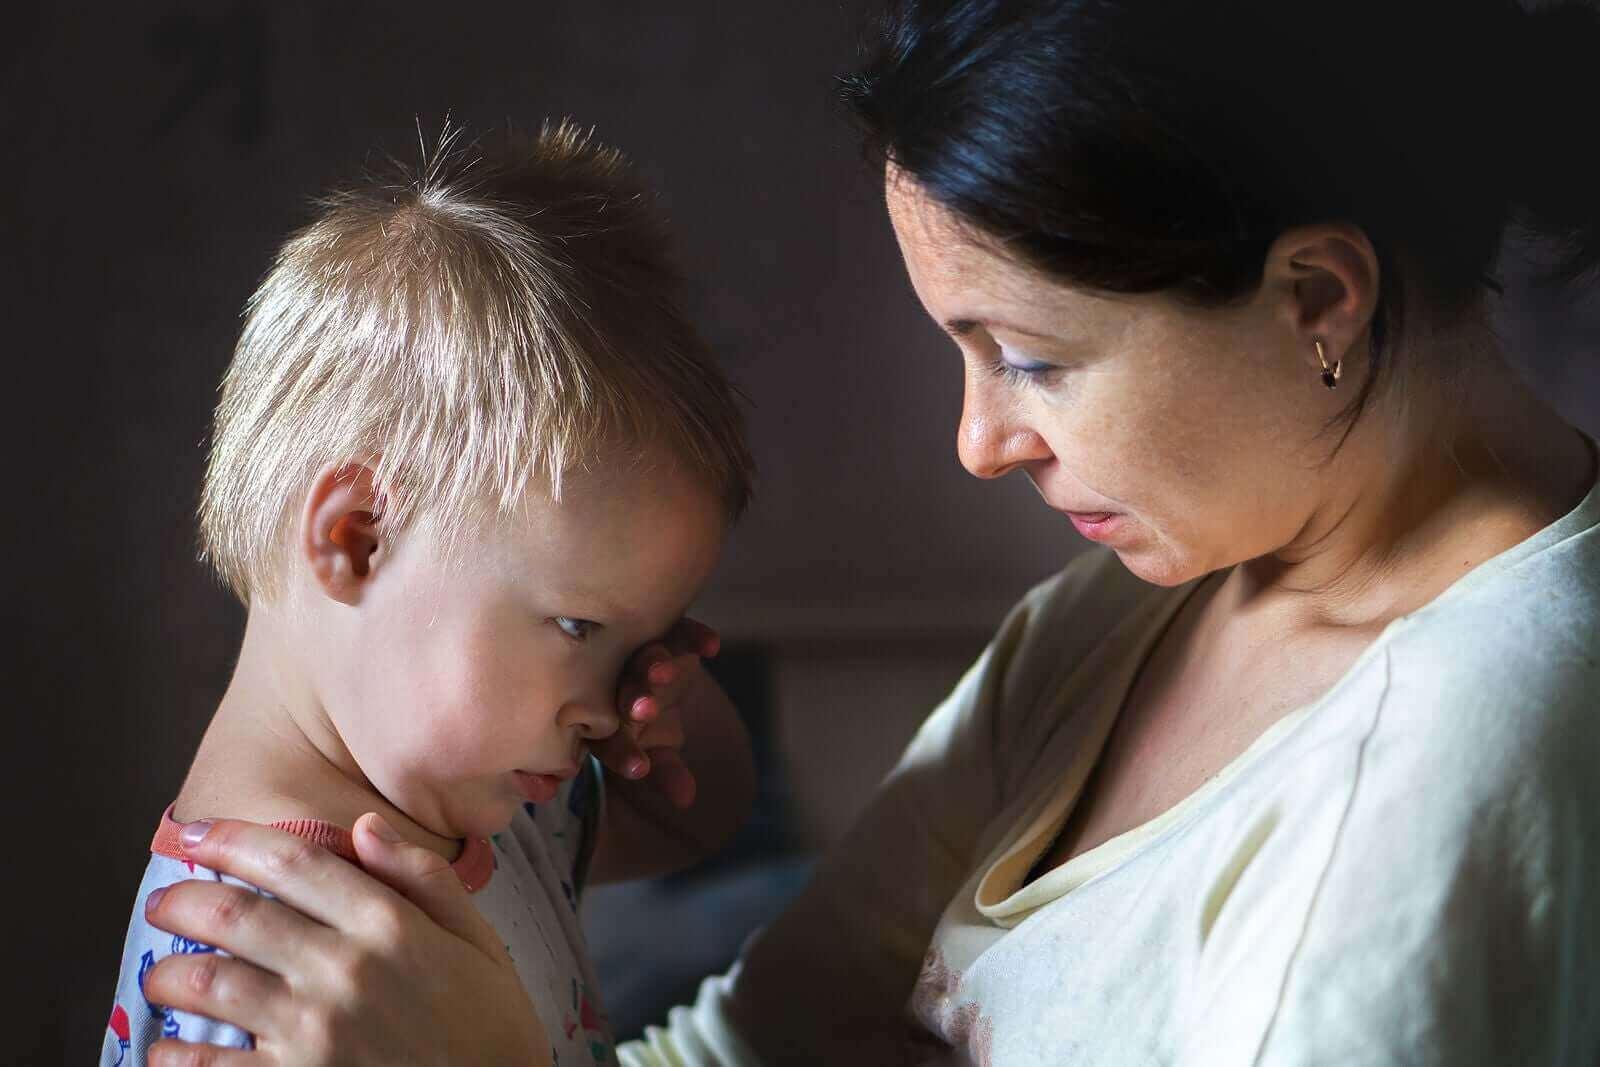 Hvorfor er endring vanskeligere for noen barn?